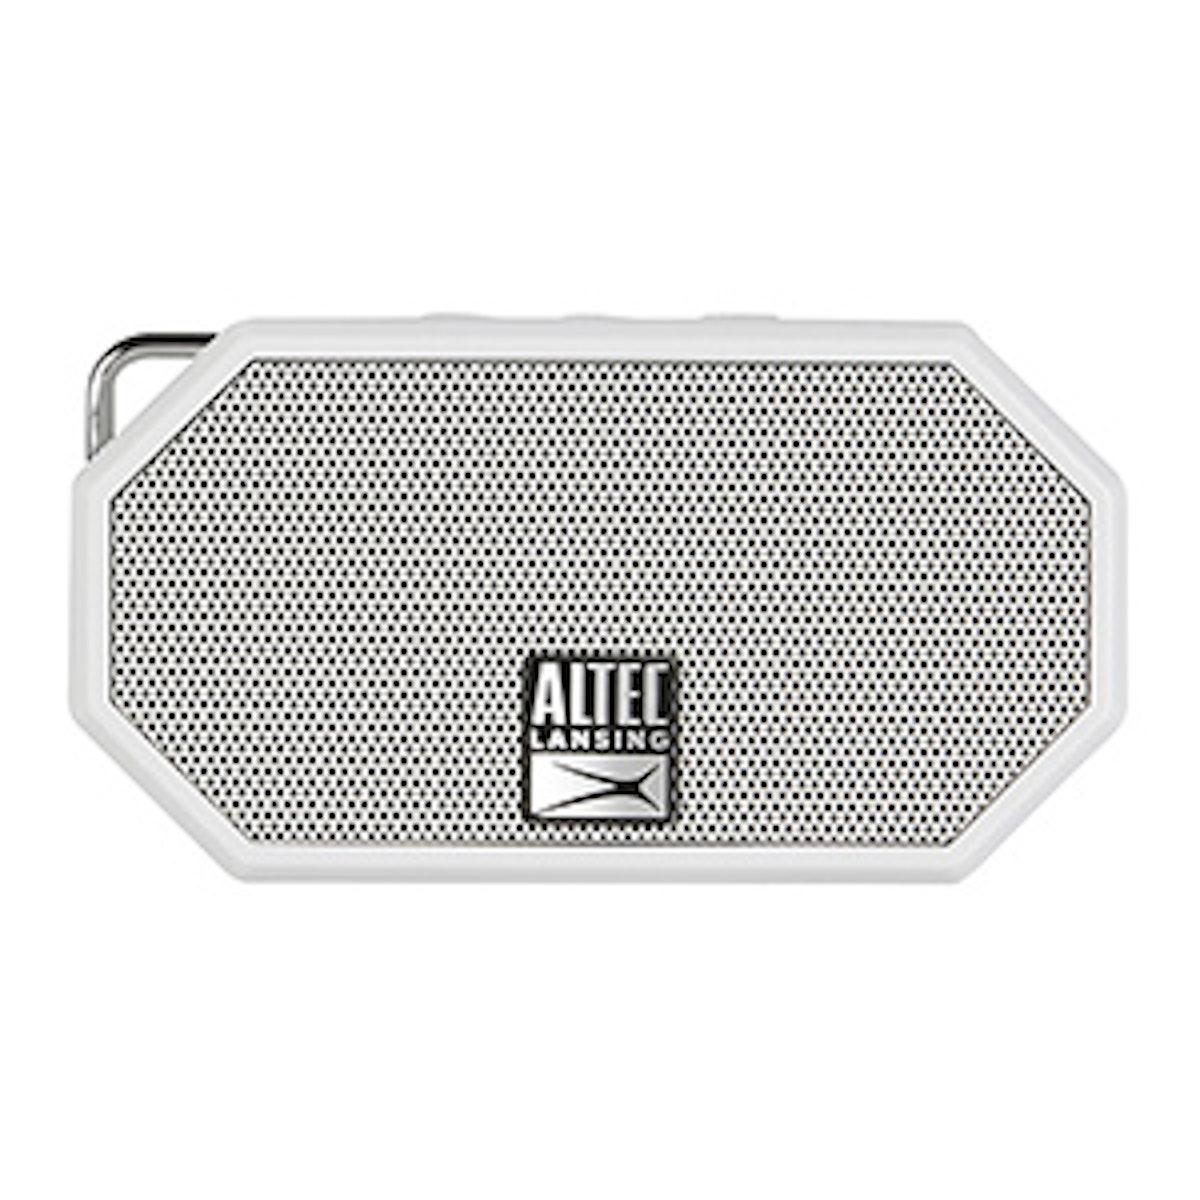 Mini H2O Bluetooth Speaker